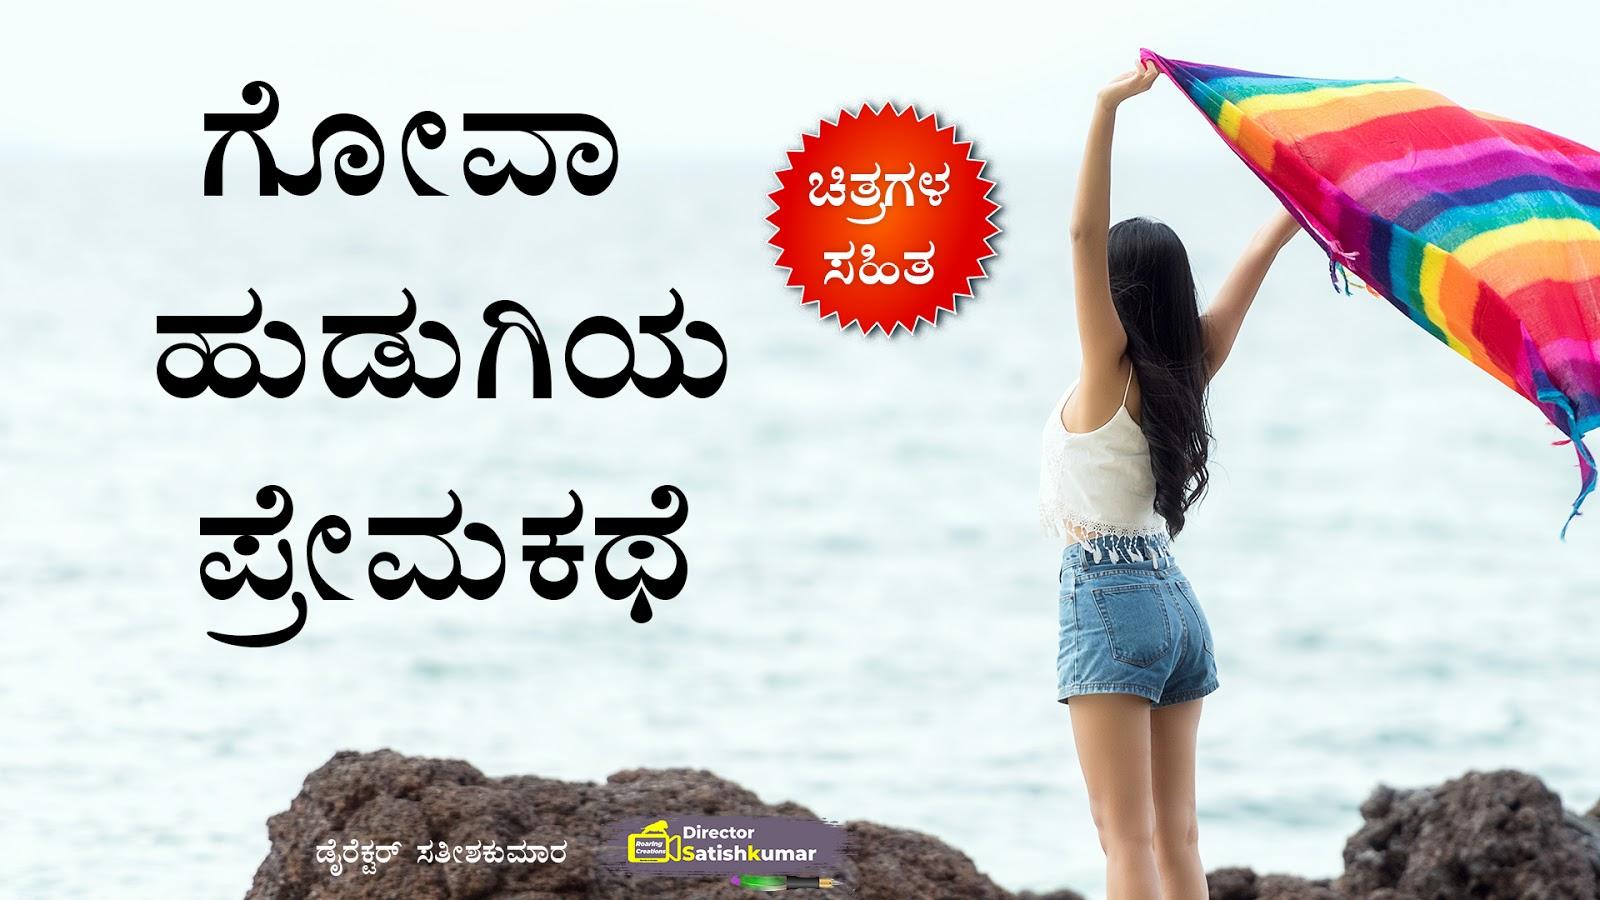 ಗೋವಾ ಹುಡುಗಿಯ ಪ್ರೇಮಕಥೆ  - Friendship love story in Kannada - Kannada Love Stories